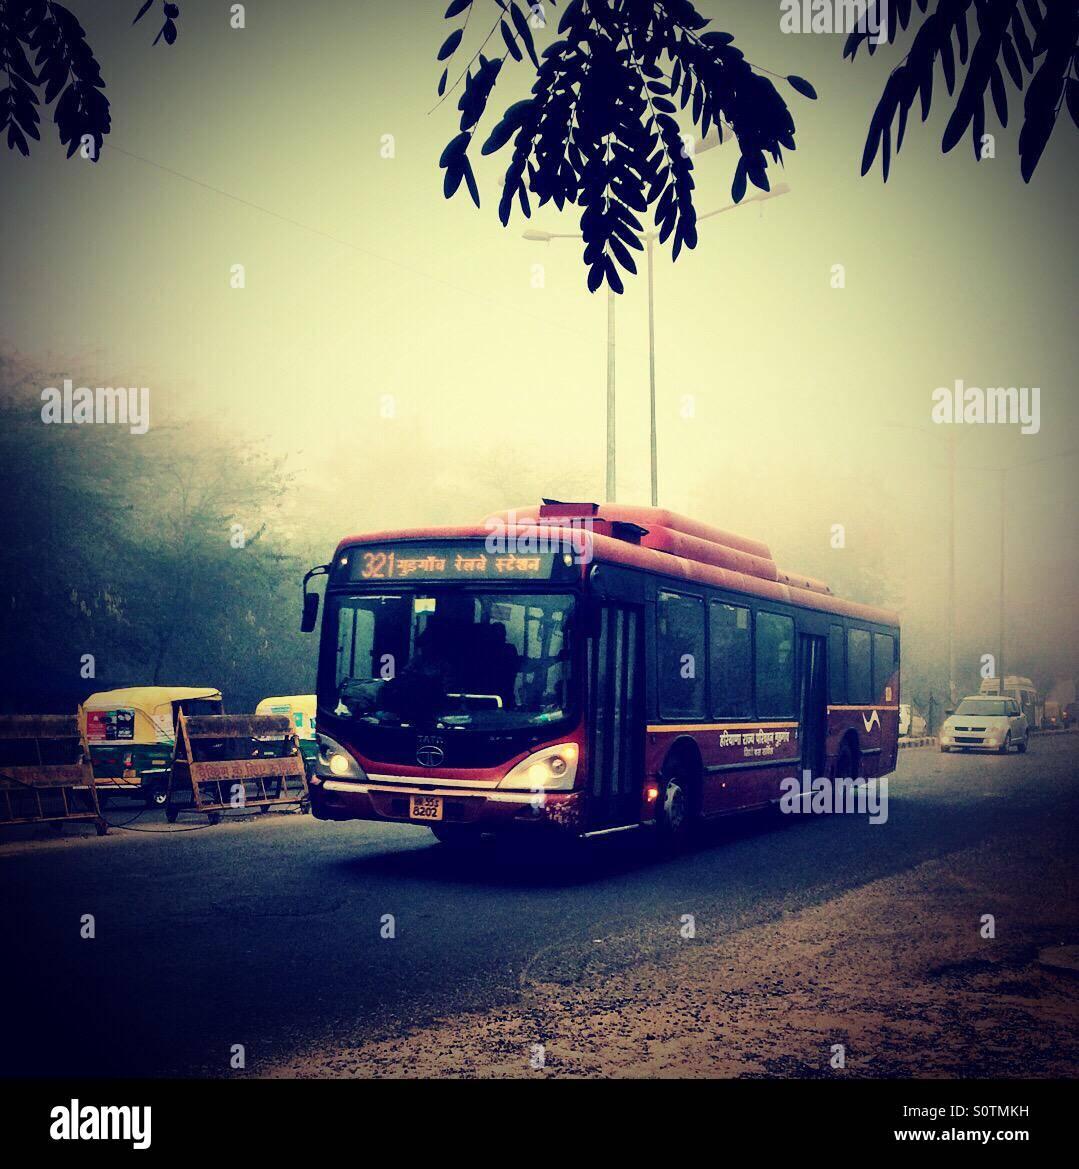 Dtc Bus Stock Photos & Dtc Bus Stock Images - Alamy